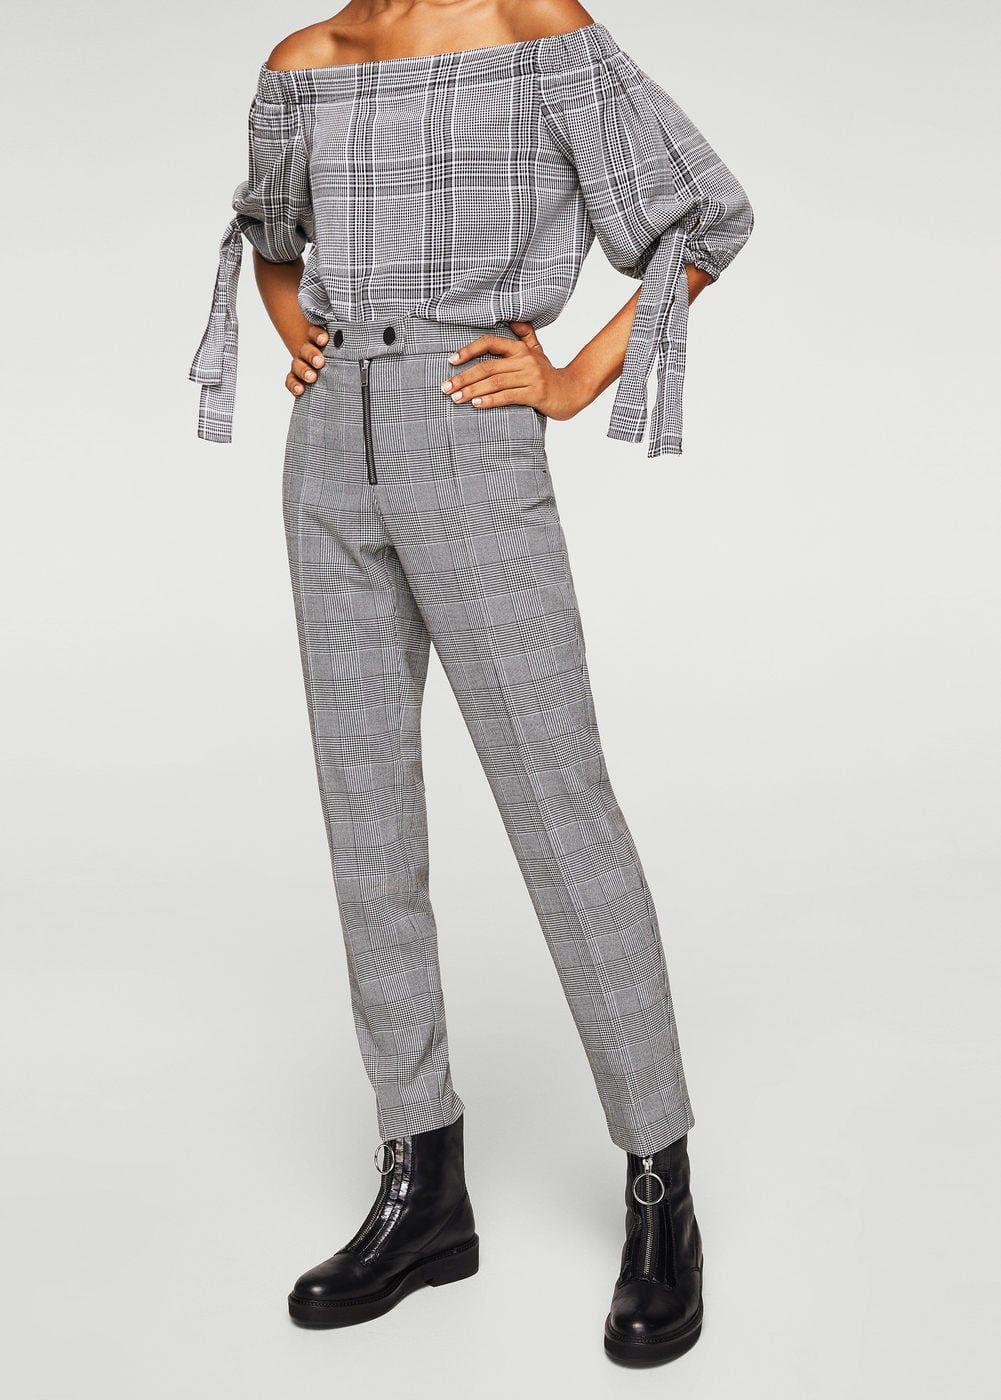 55a7c4a22be9 Pantalon prince de galles - Femme en 2019   Winter 2k17   Trousers ...